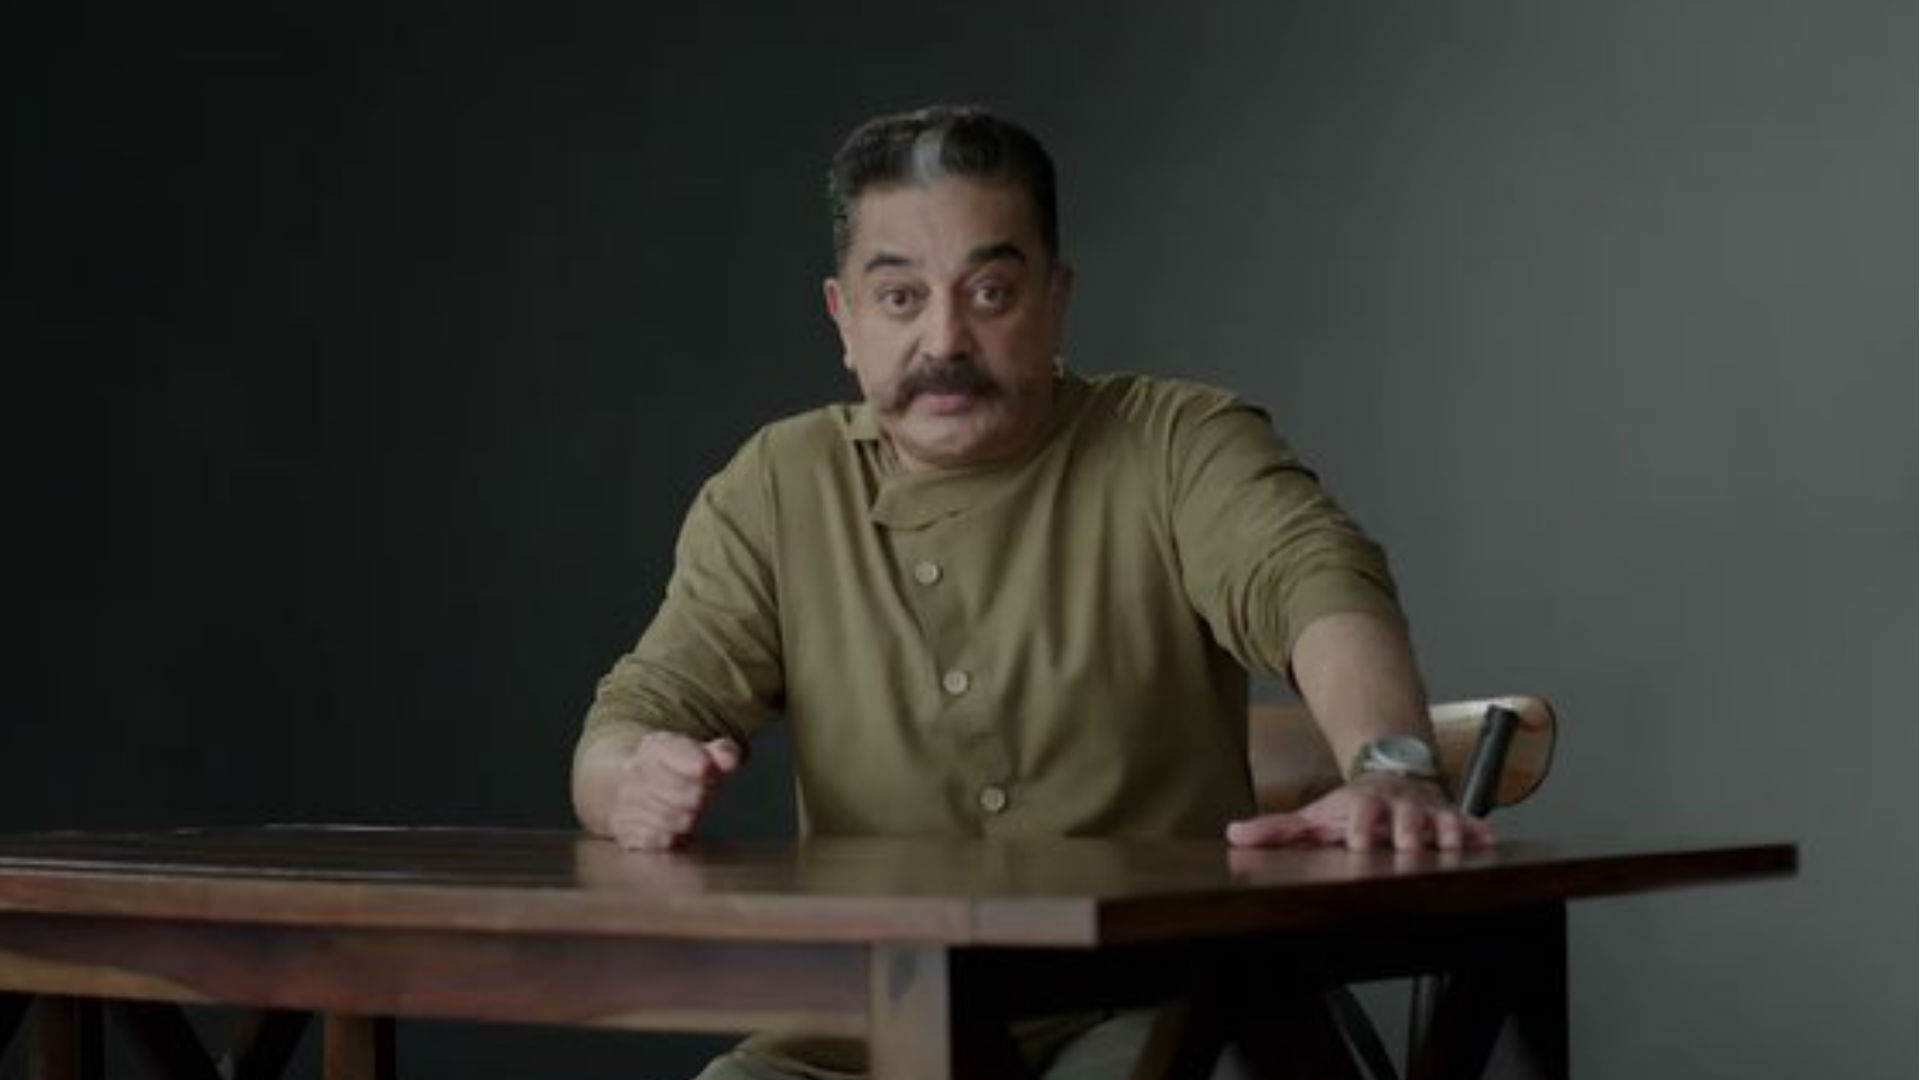 हिंदी विवाद में कूदे कमल हासन, कहा- कोई 'शाह' नहीं तोड़ सकता अनेकता में एकता का वादा